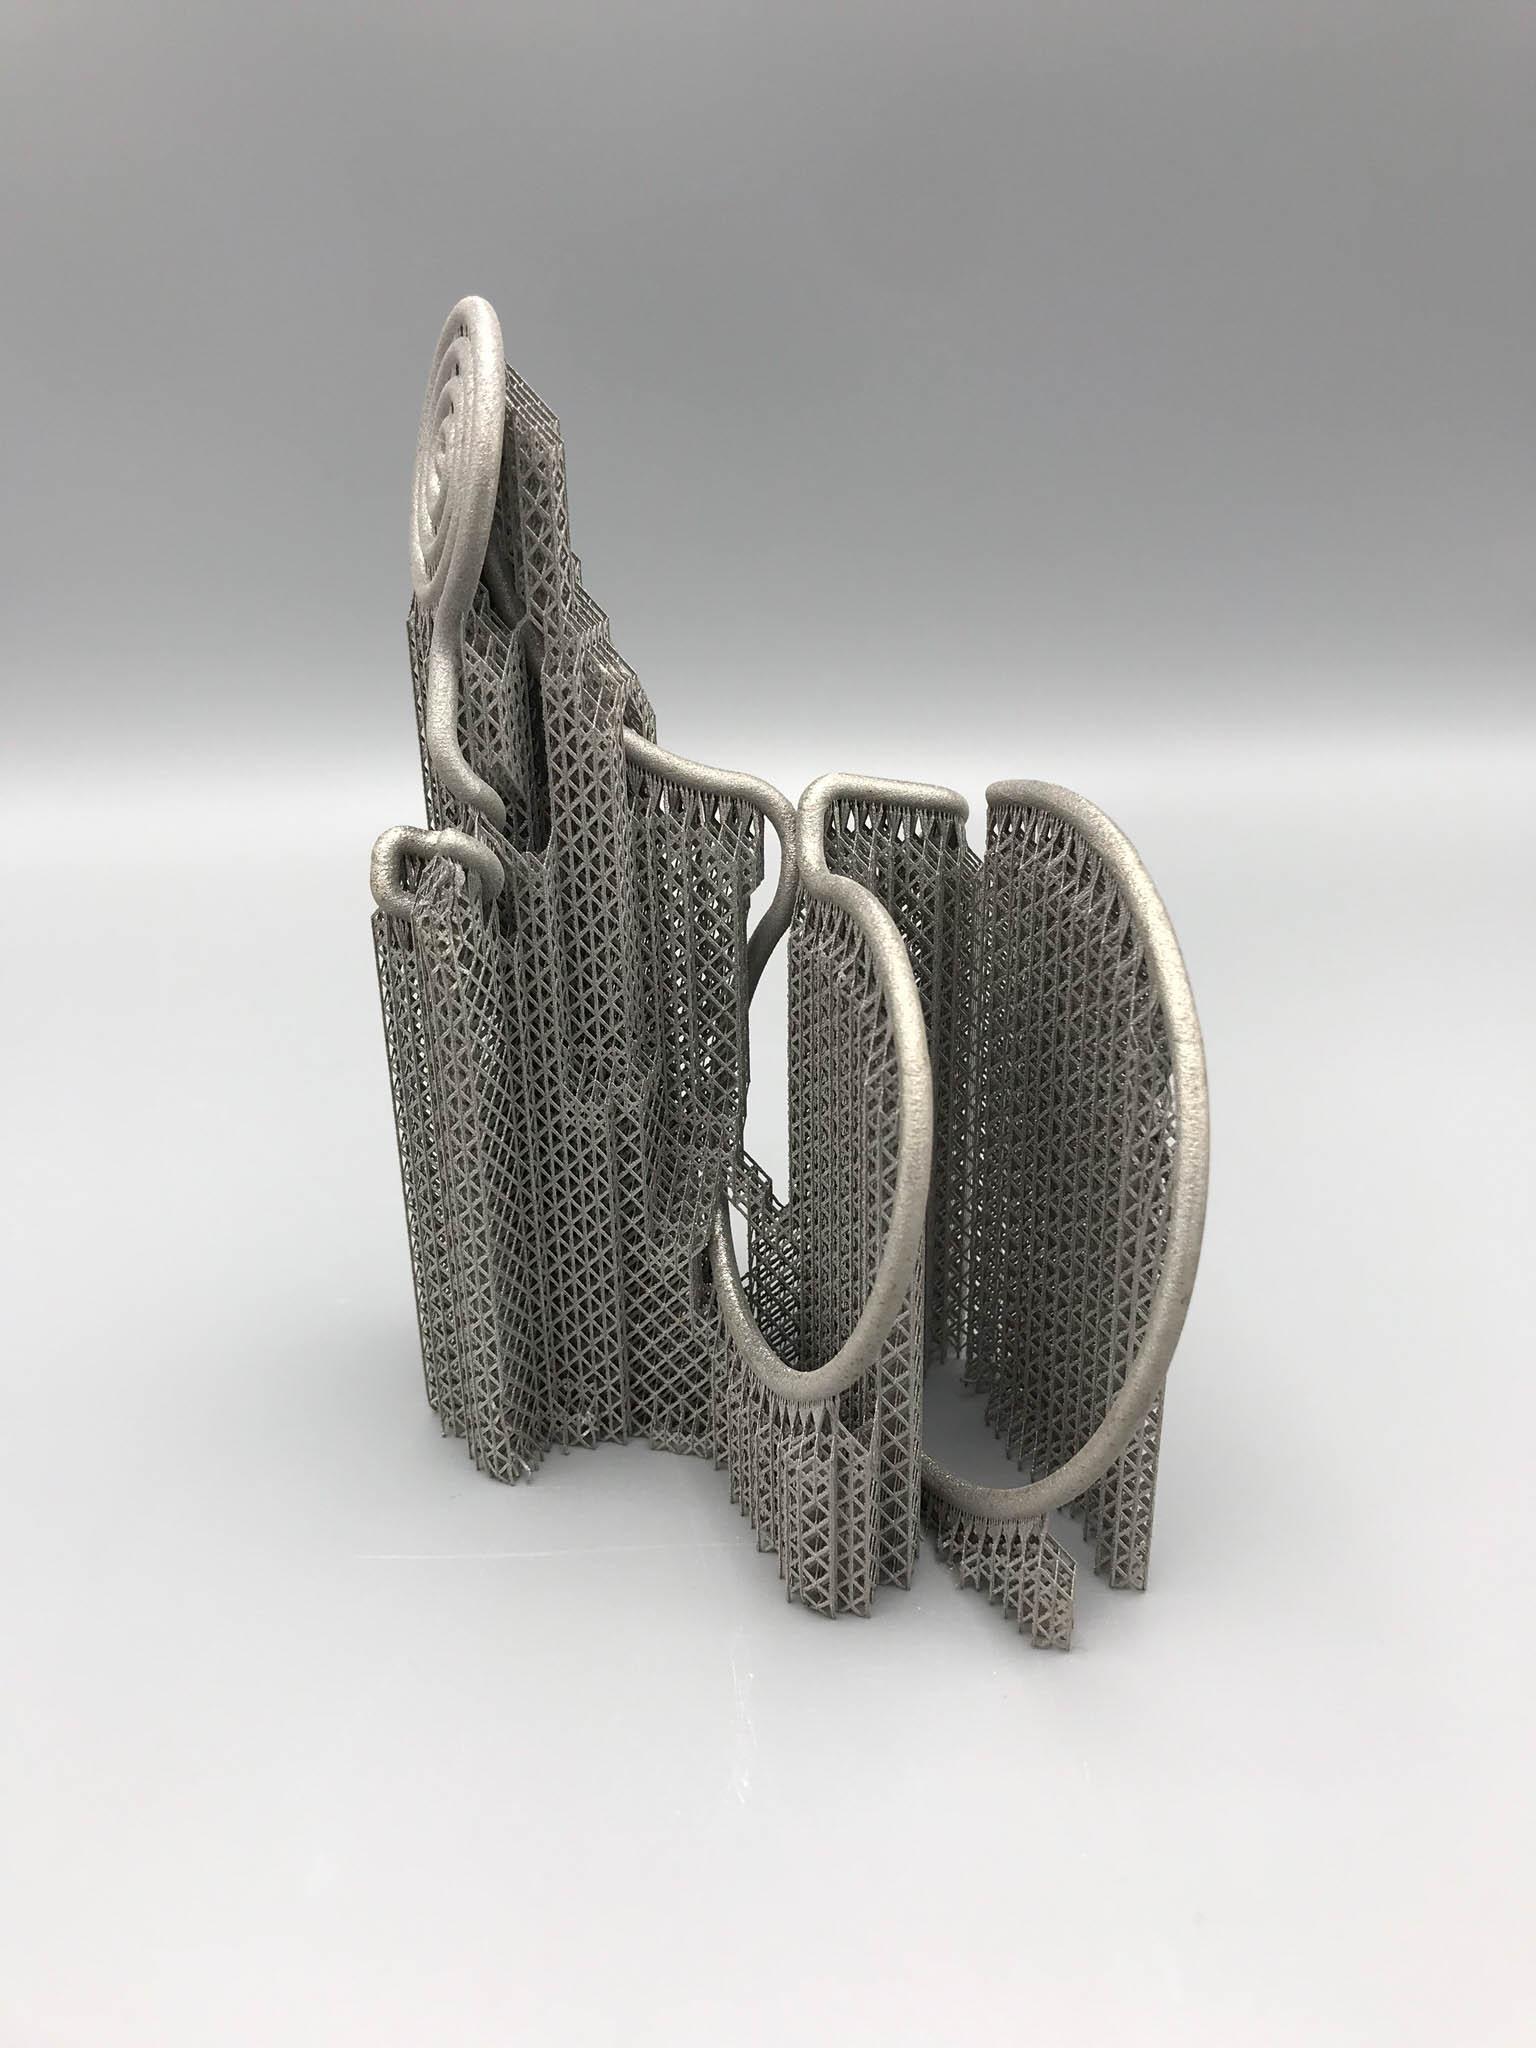 Metal 3D print art